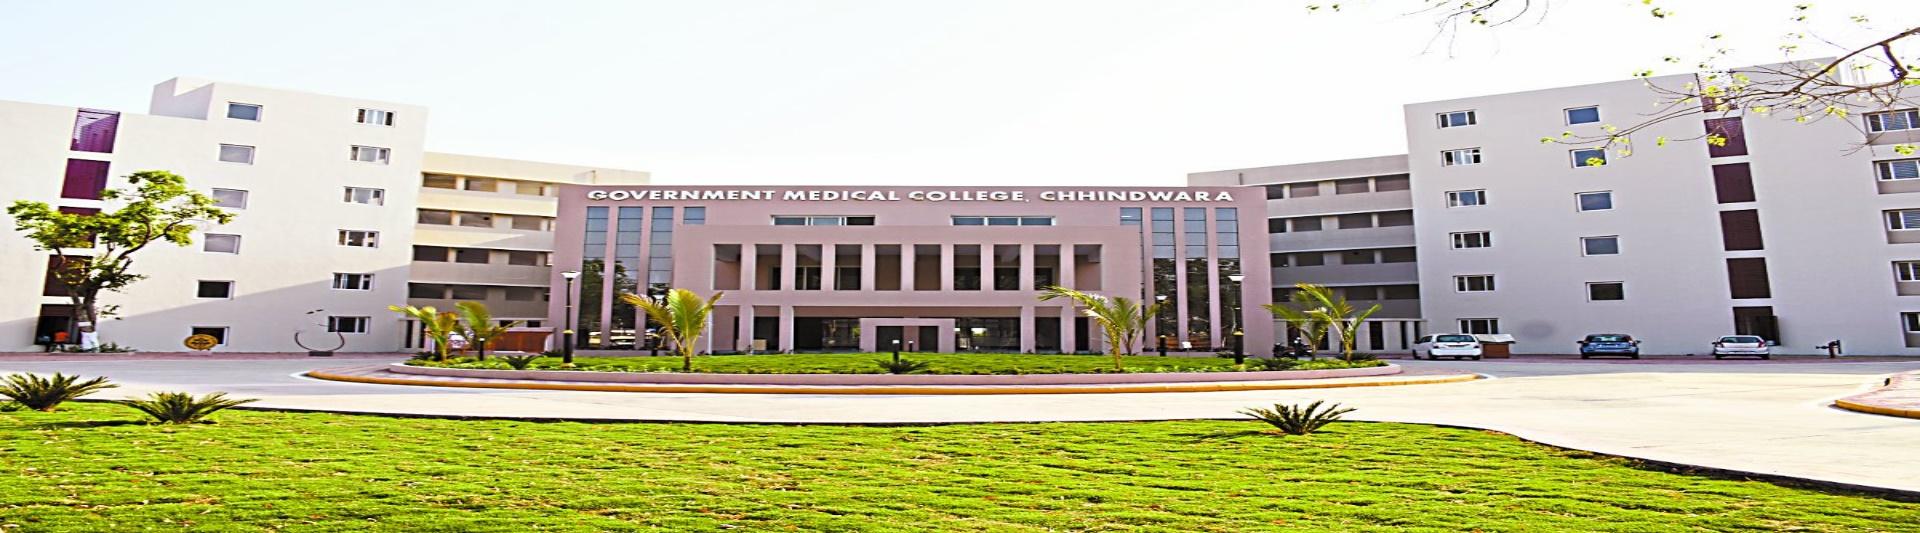 मेडिकल कॉलेज छिंदवाड़ा